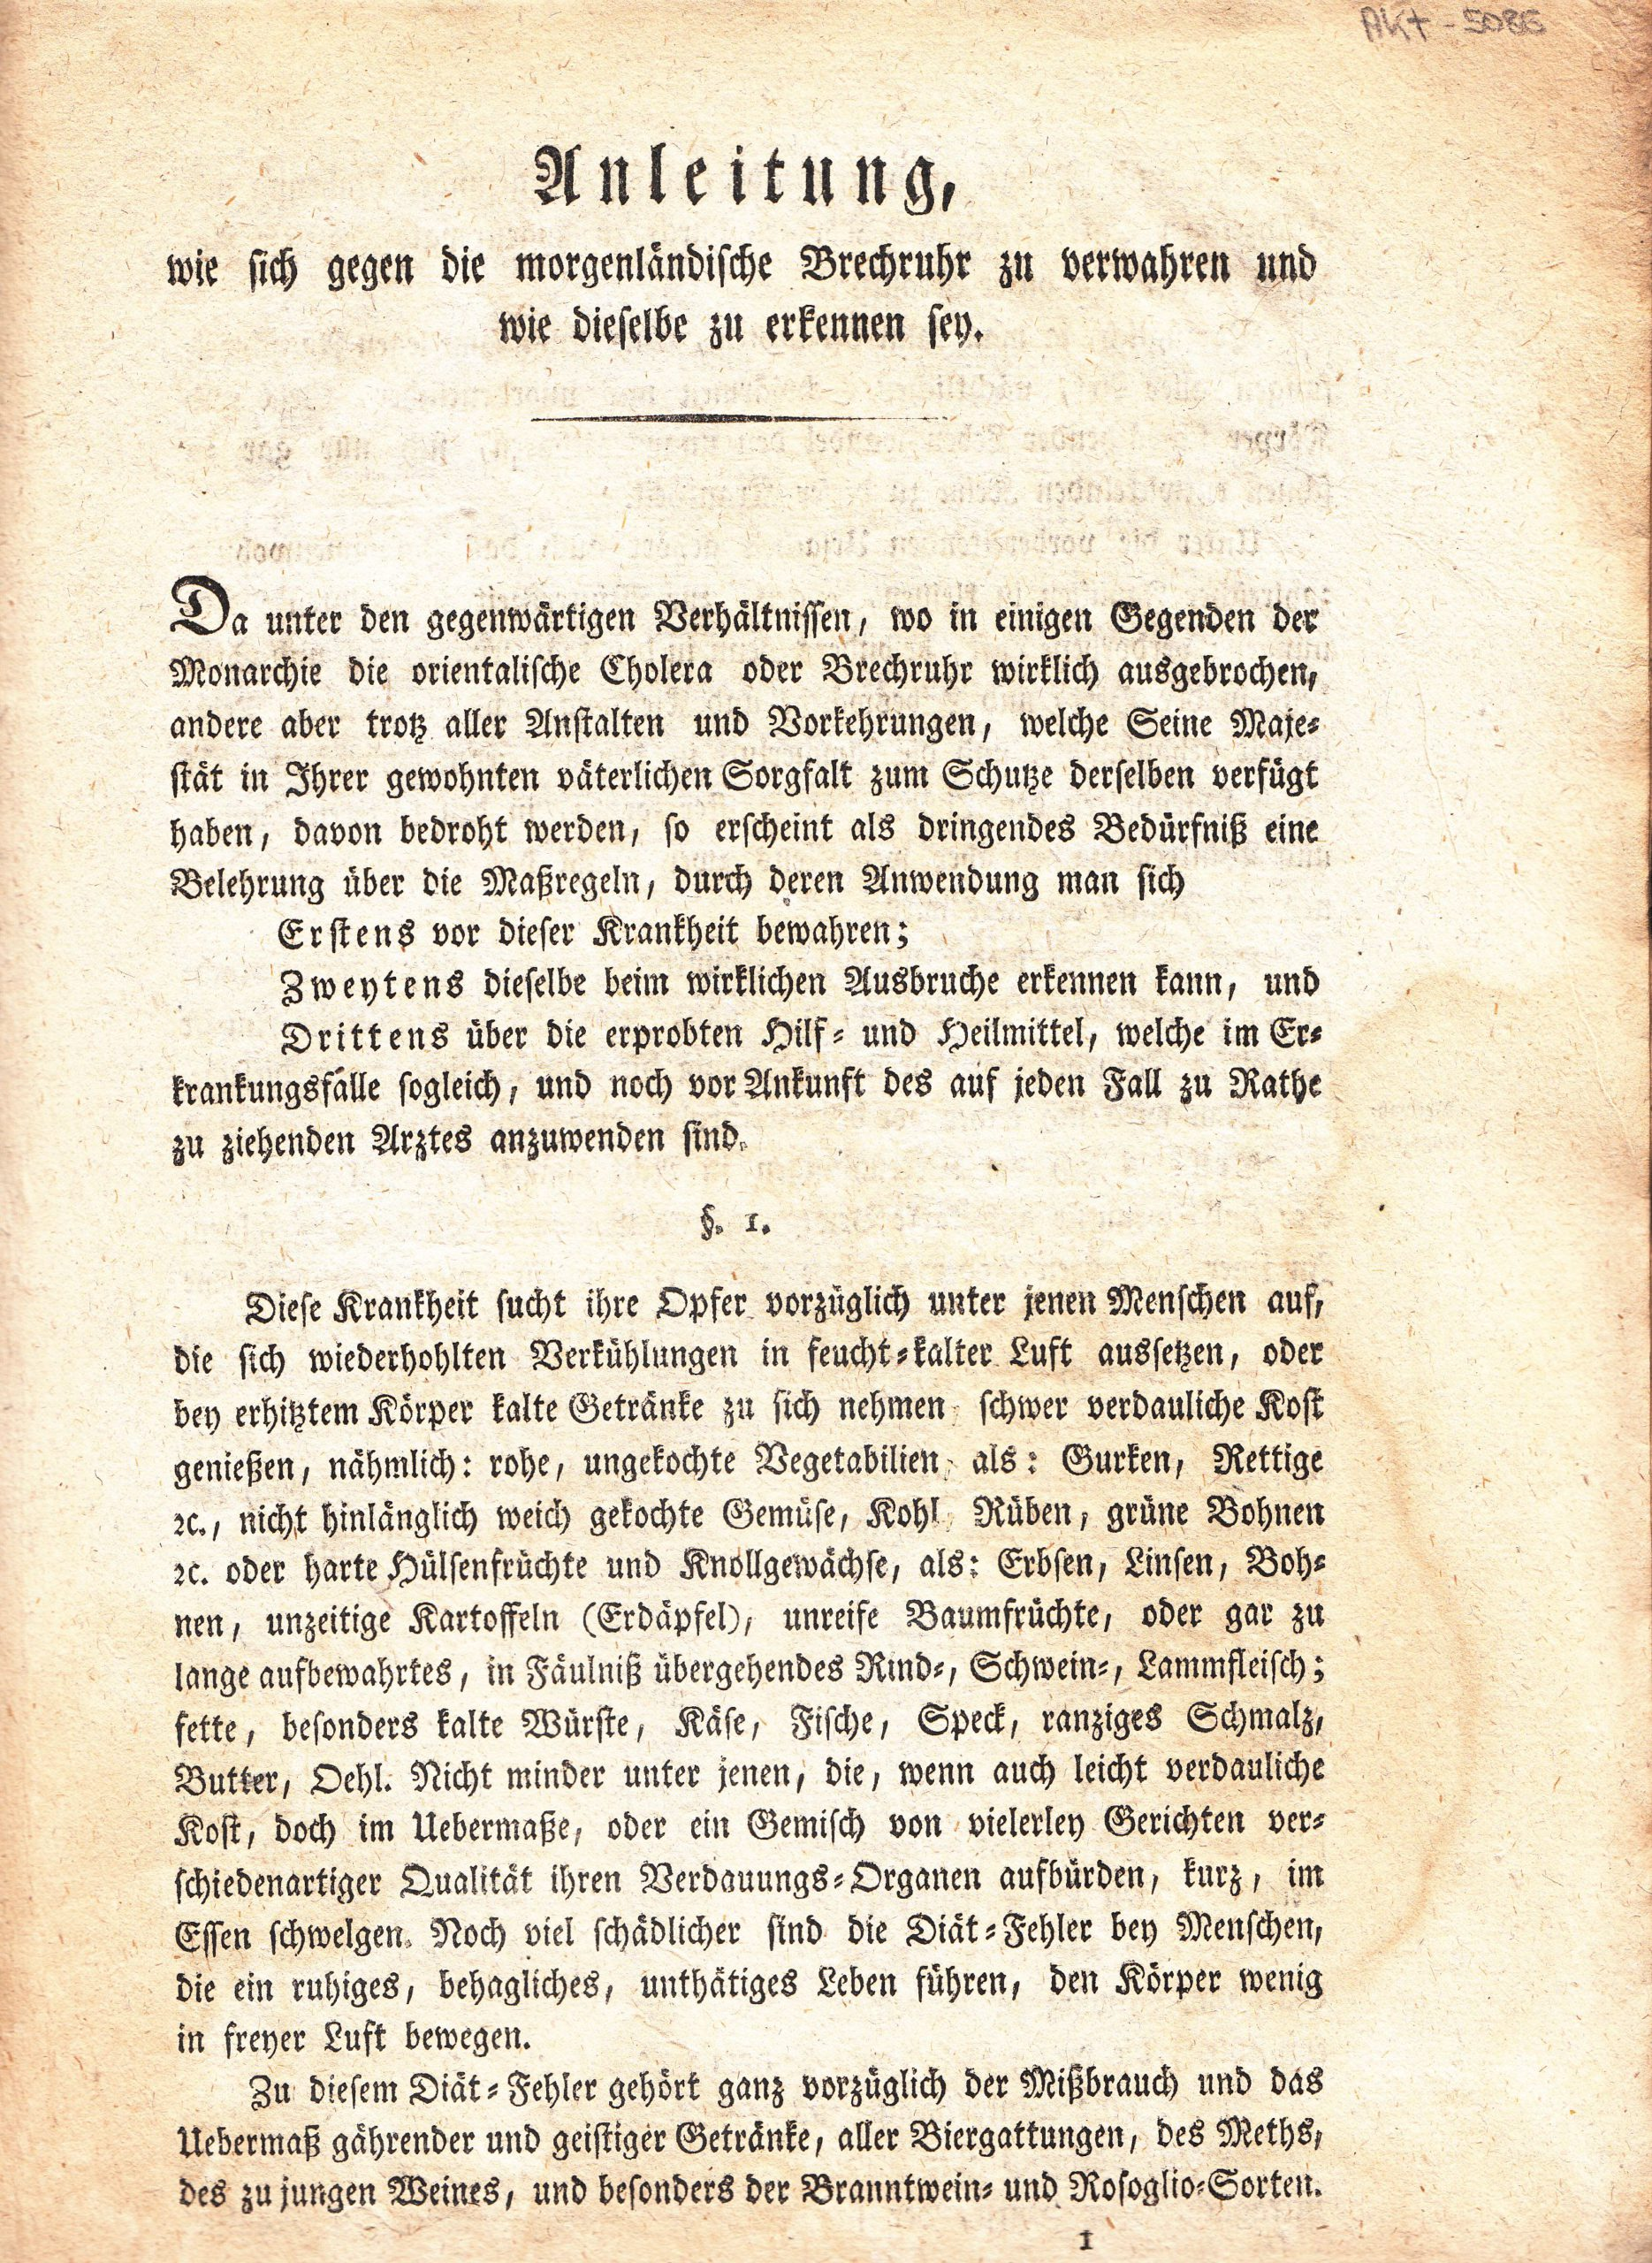 Morgenländische Brechruhr 1831 – Alles War Schon Einmal Da – III